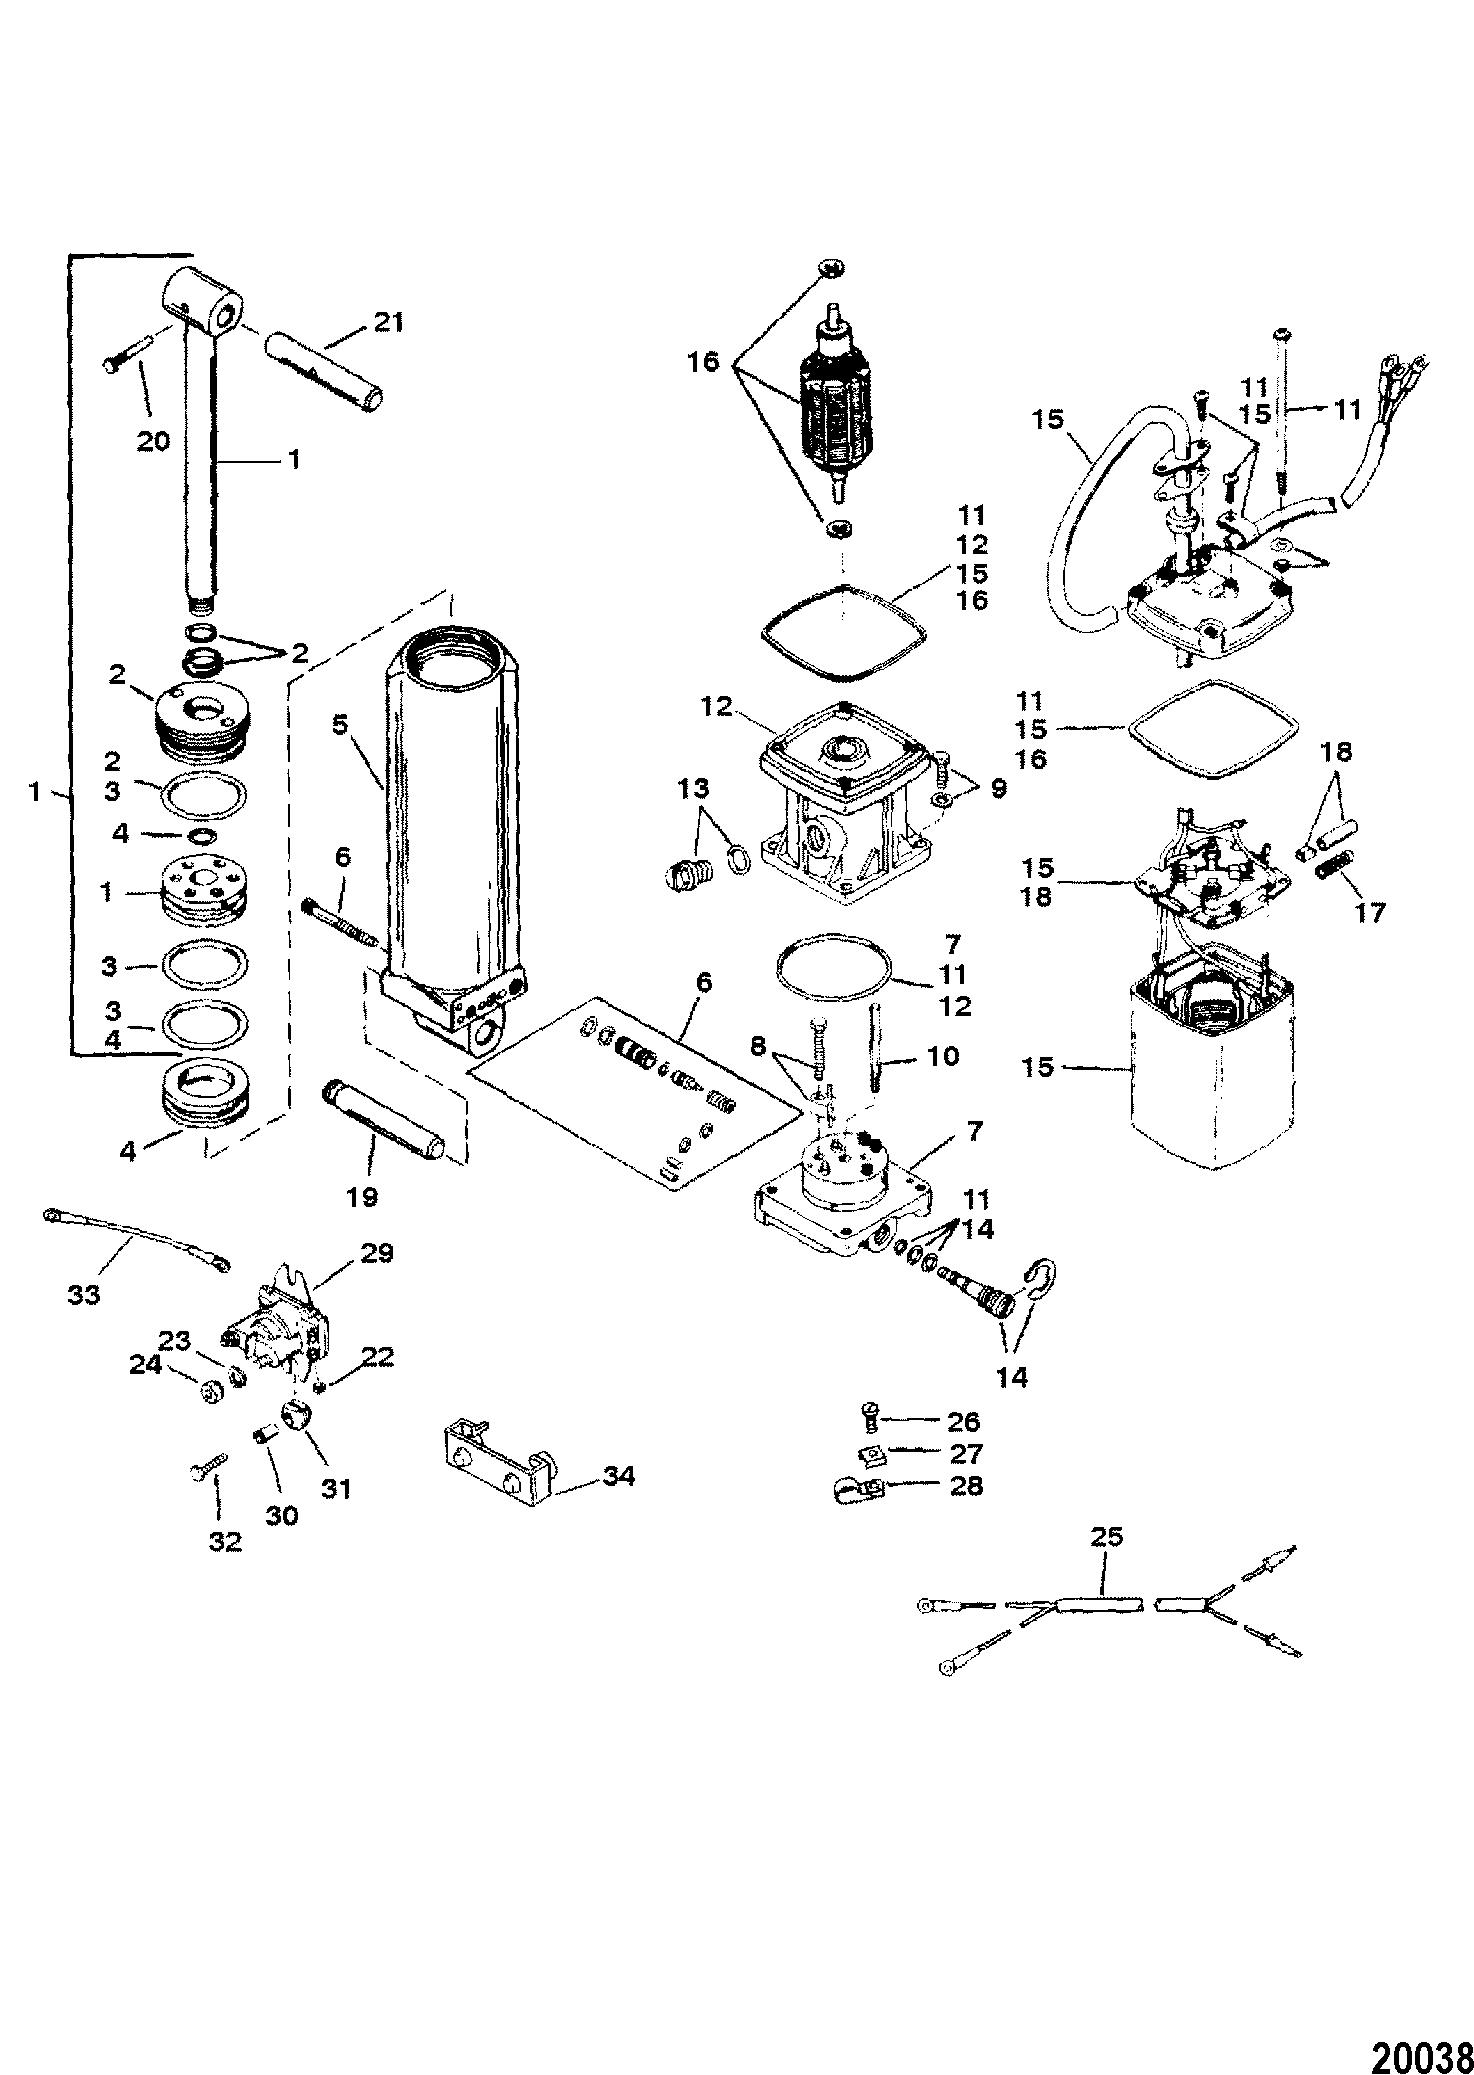 Mercury | FORCE | 120 H.P. (1997) | 0E203000 THRU 0E287999 | Power Trim  Components(Design I)